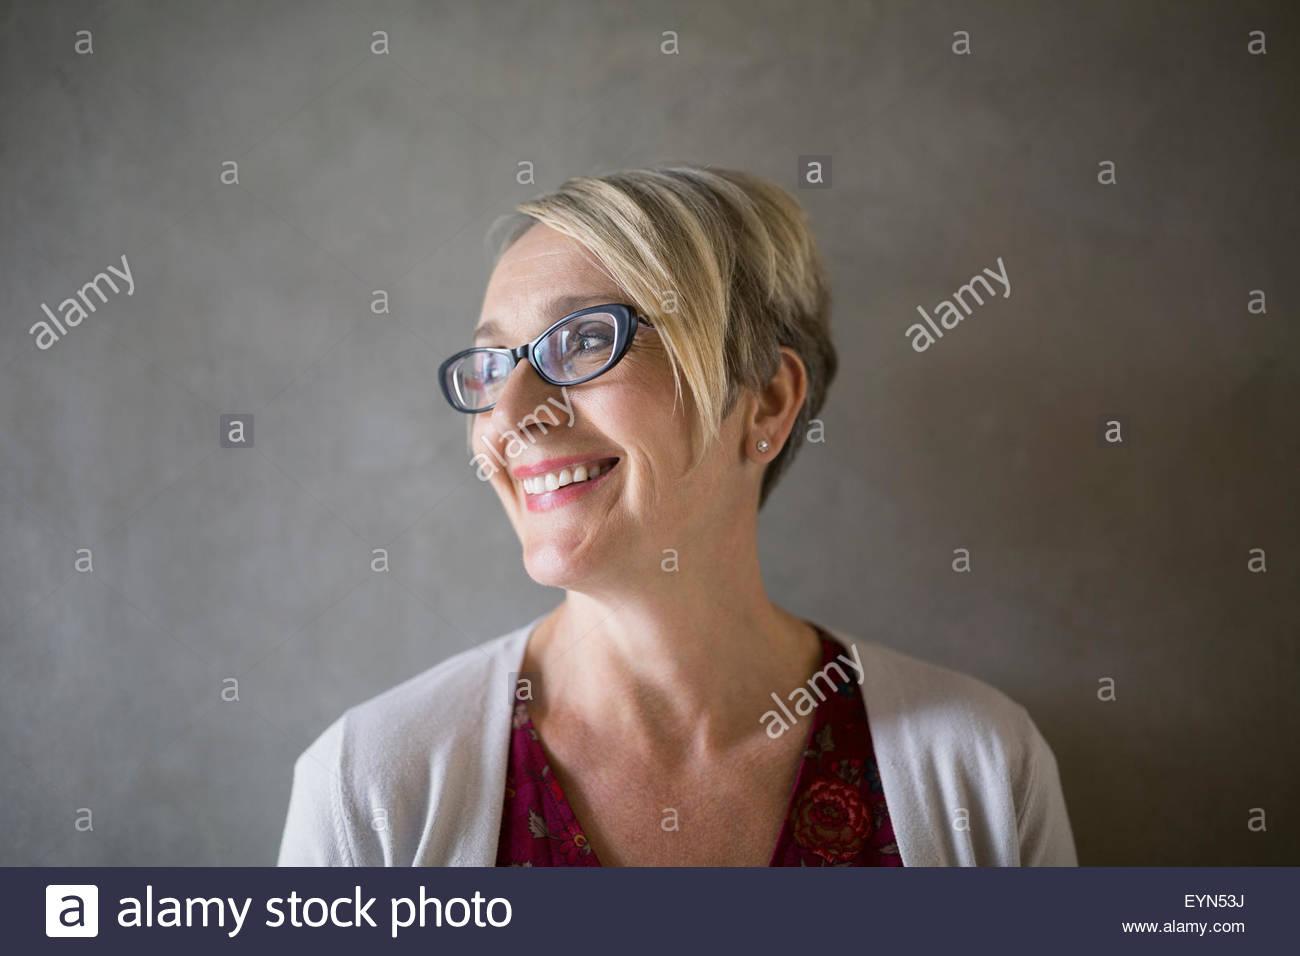 49ed31314d Retrato sonriente empresaria rubia con anteojos mirando lejos Imagen De  Stock